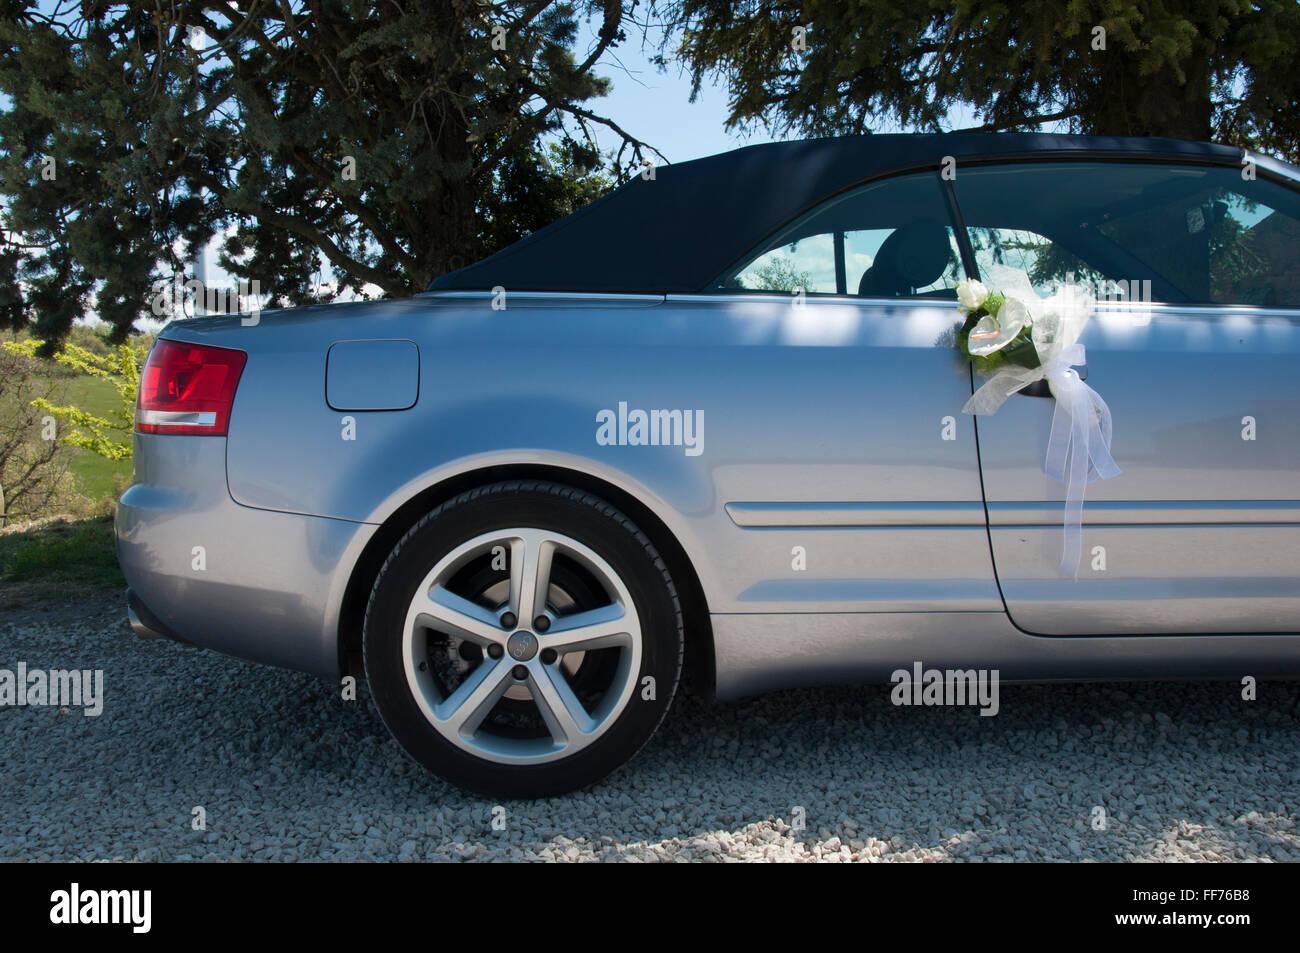 Hochzeitsblumen Hangen Aus Dem Spiegel Ein Auto Audi Stockfoto Bild